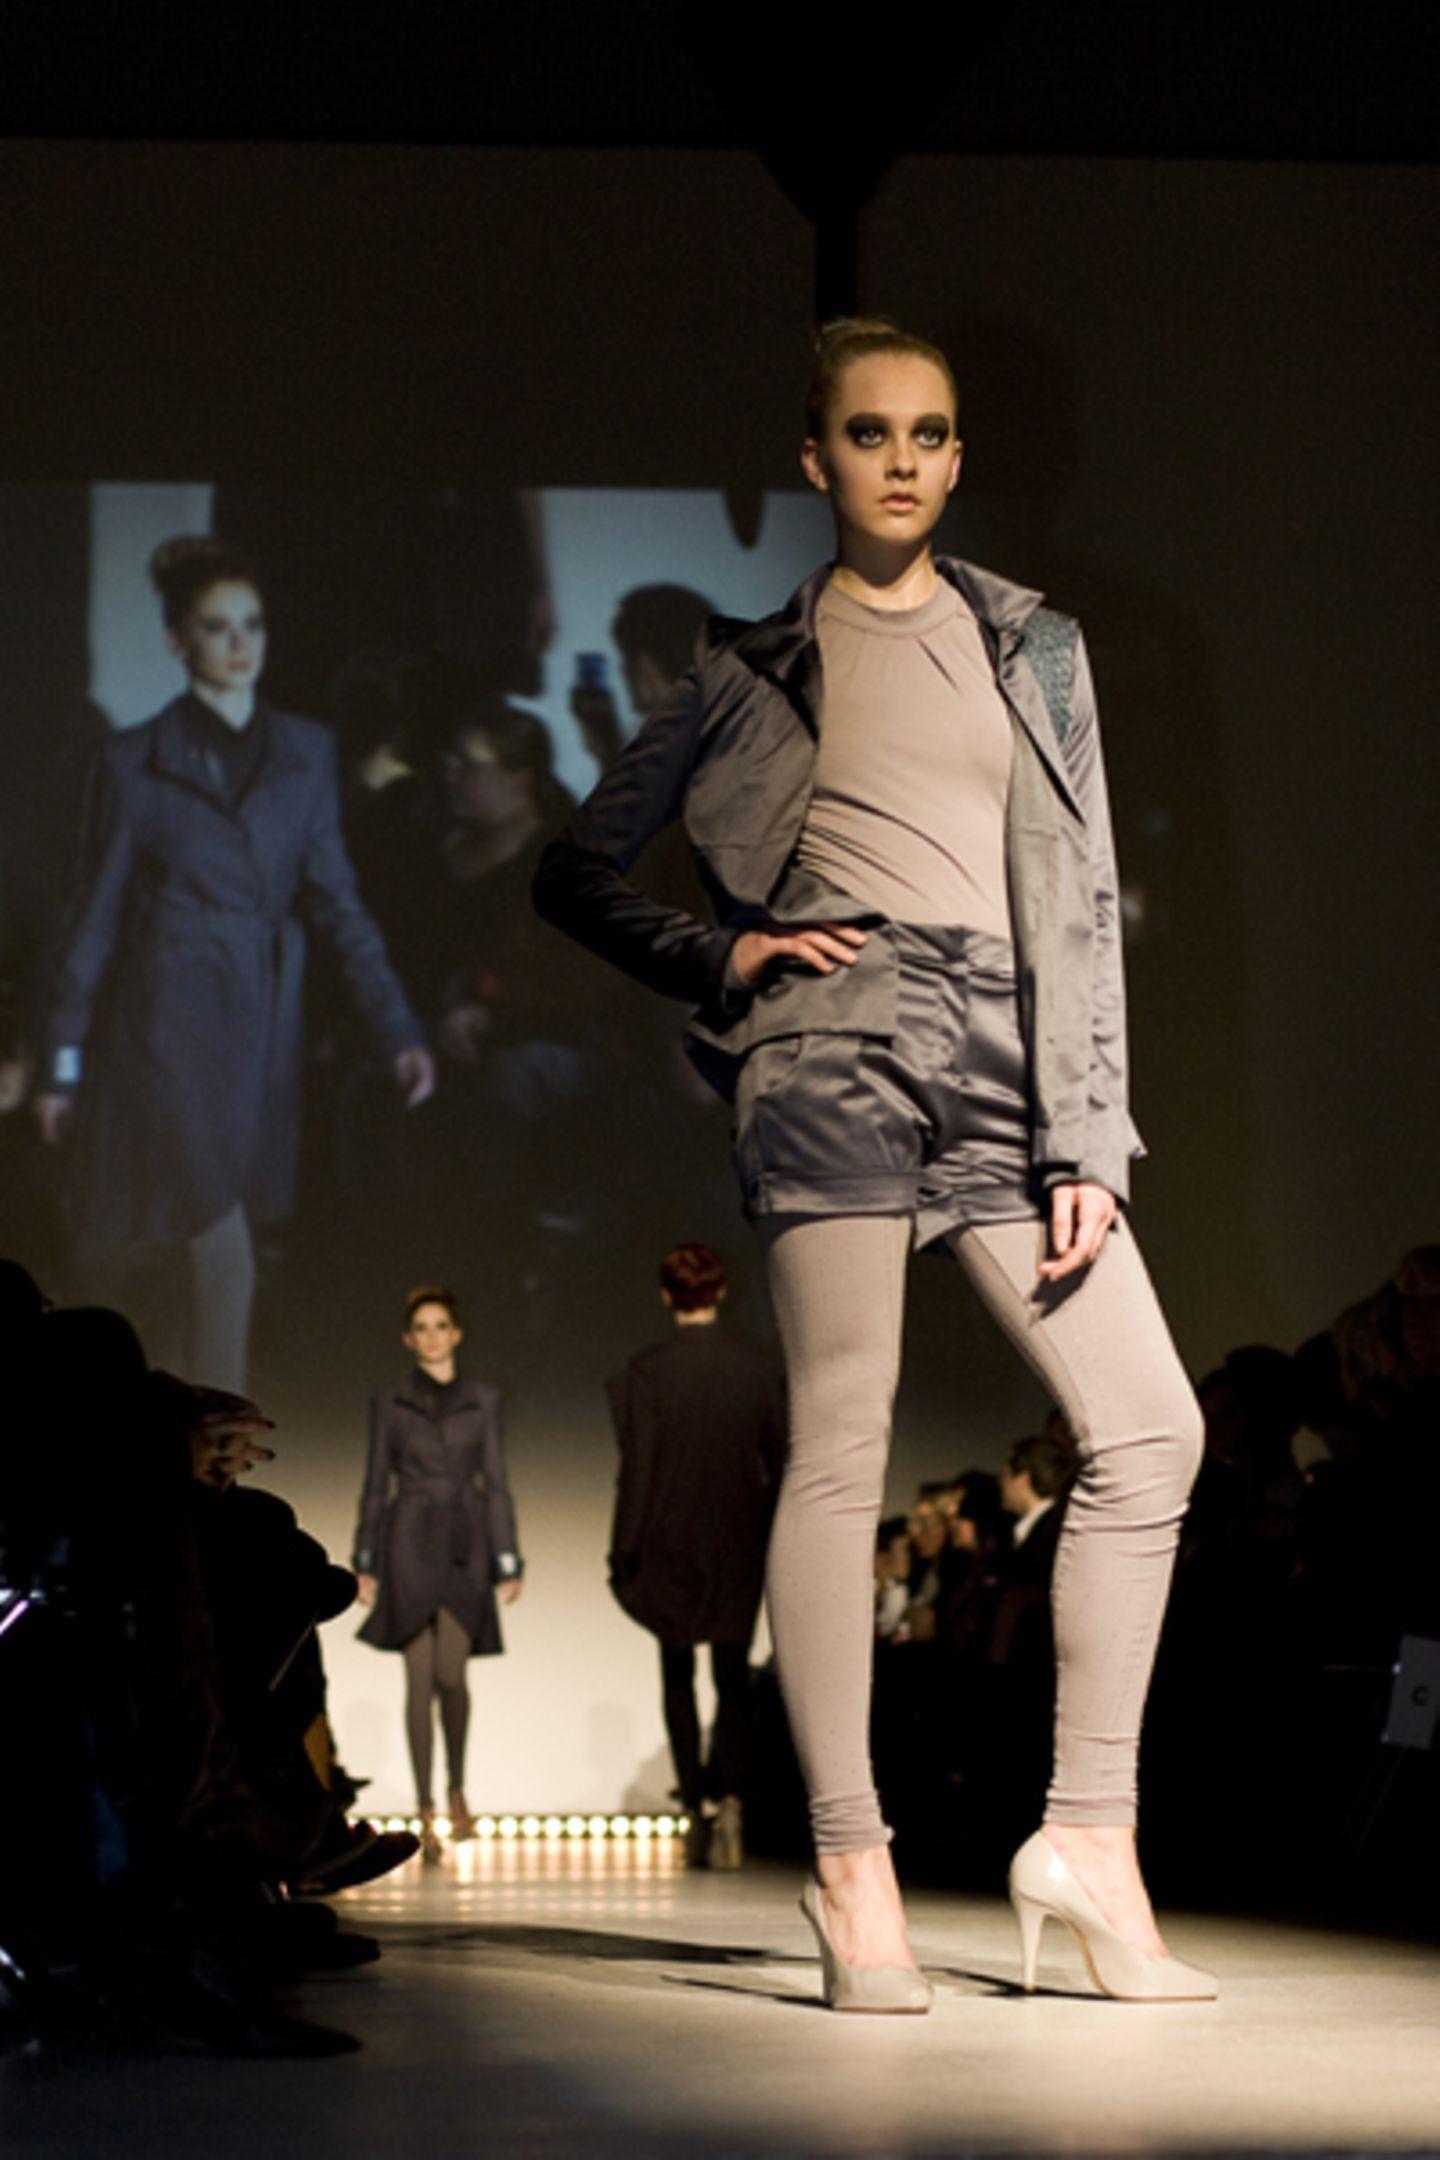 Jessica Cain: TIME_shift Jessica beschäftigt sich in ihrer Kollektion nicht nur mit dem Verhältnis von Vergangenheit, Gegenwart und Zukunft, sondern auch mit dem Zusammenhang zwischen Zukunft und moderner Architektur. Ihr Ziel: Teile aus der futuristischen Architektur tragbar zu machen.